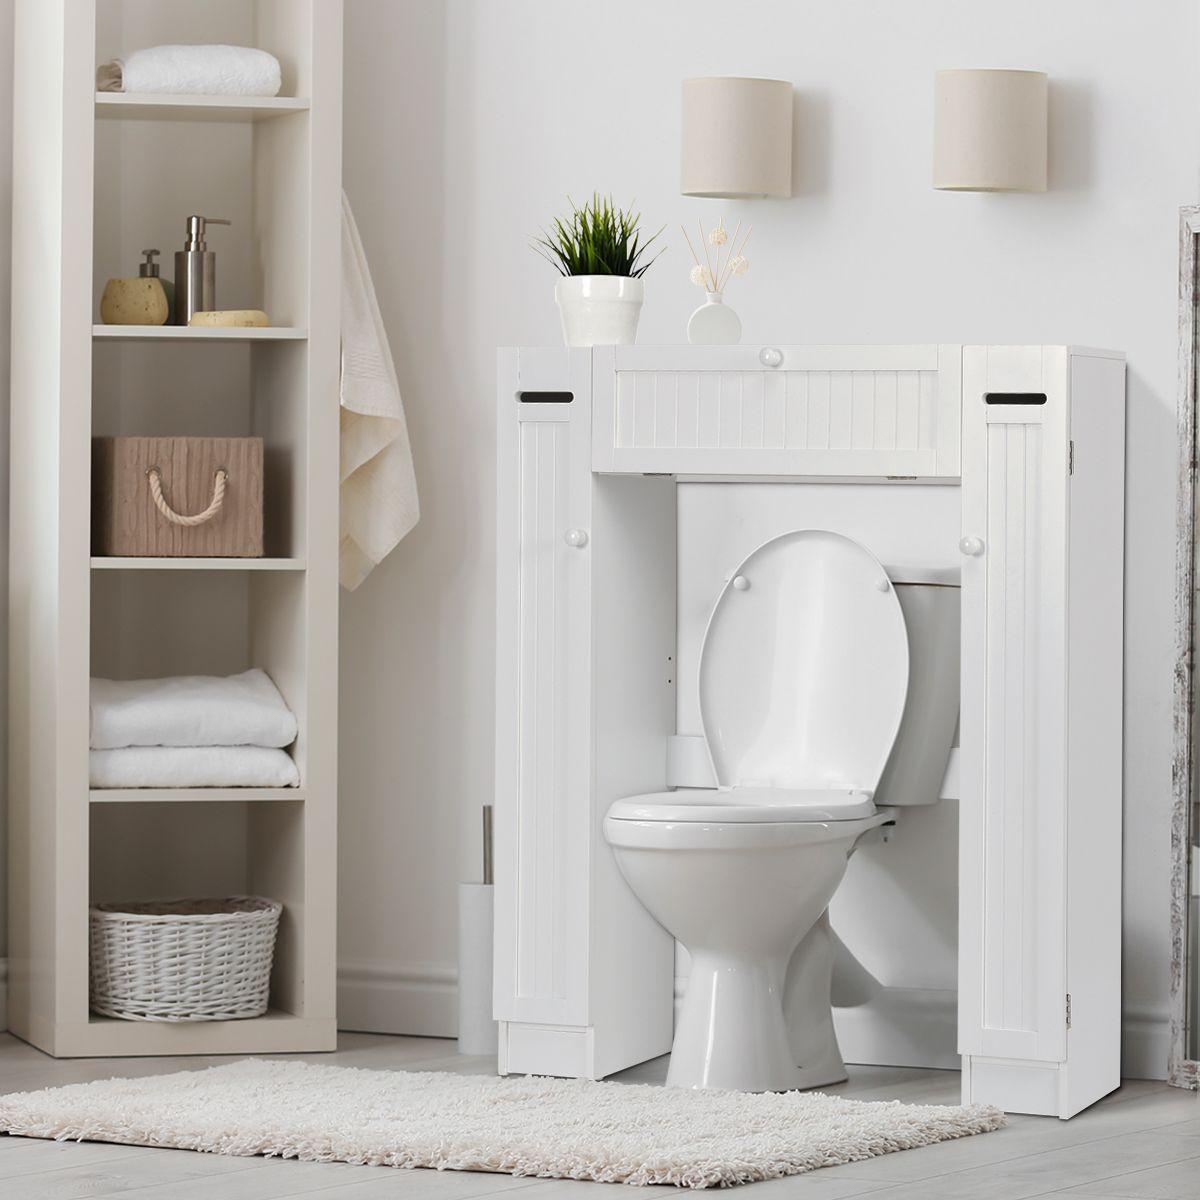 Mobile Bagno Per Asciugamani scaffale sopra il wc mobile mensola da bagno salvaspazio in